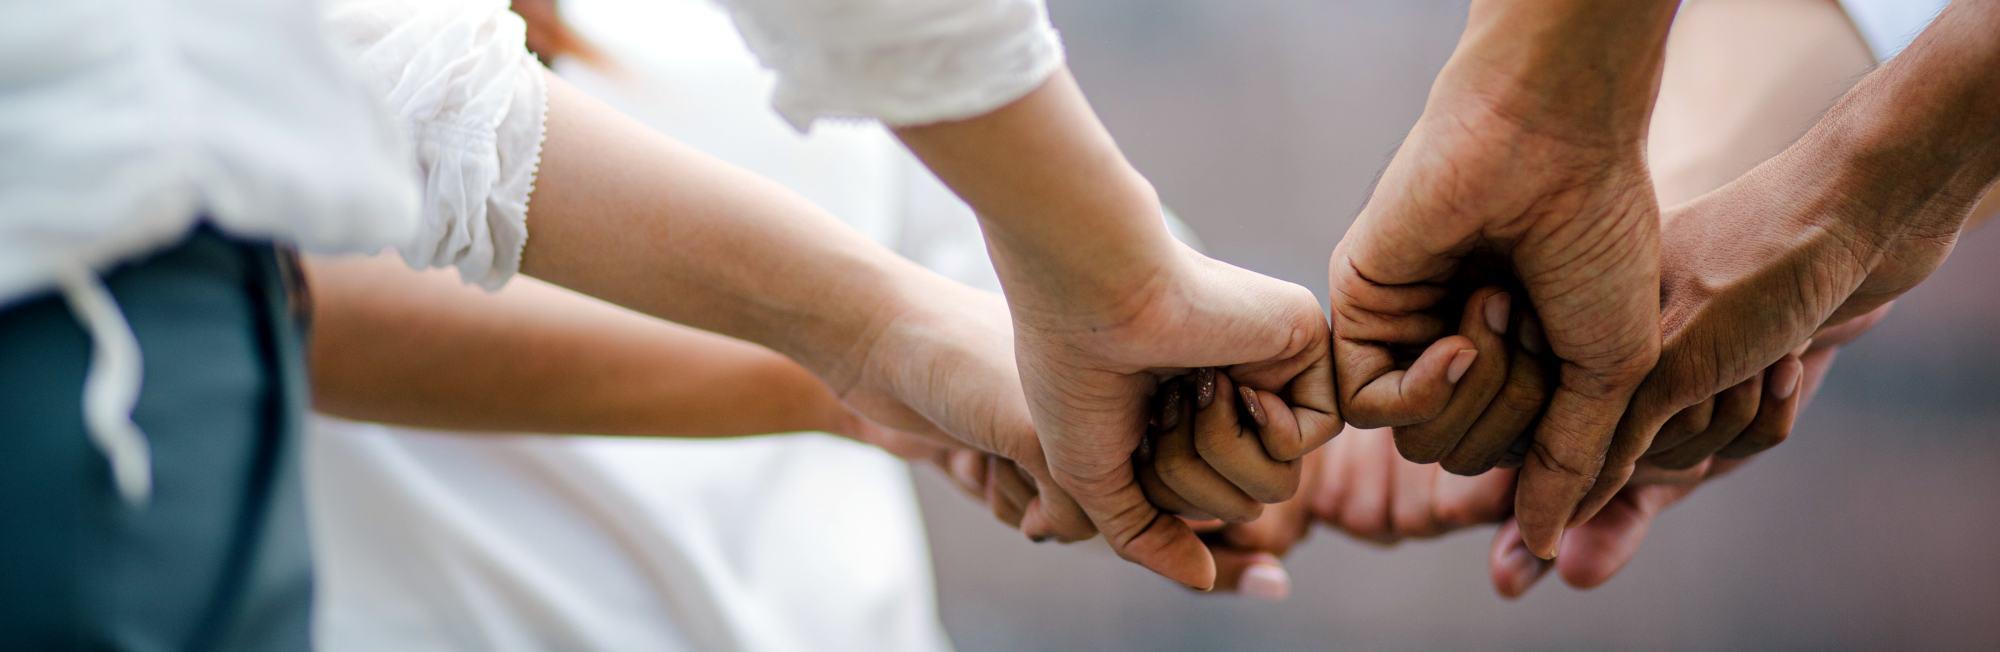 Hände greifen zusammen